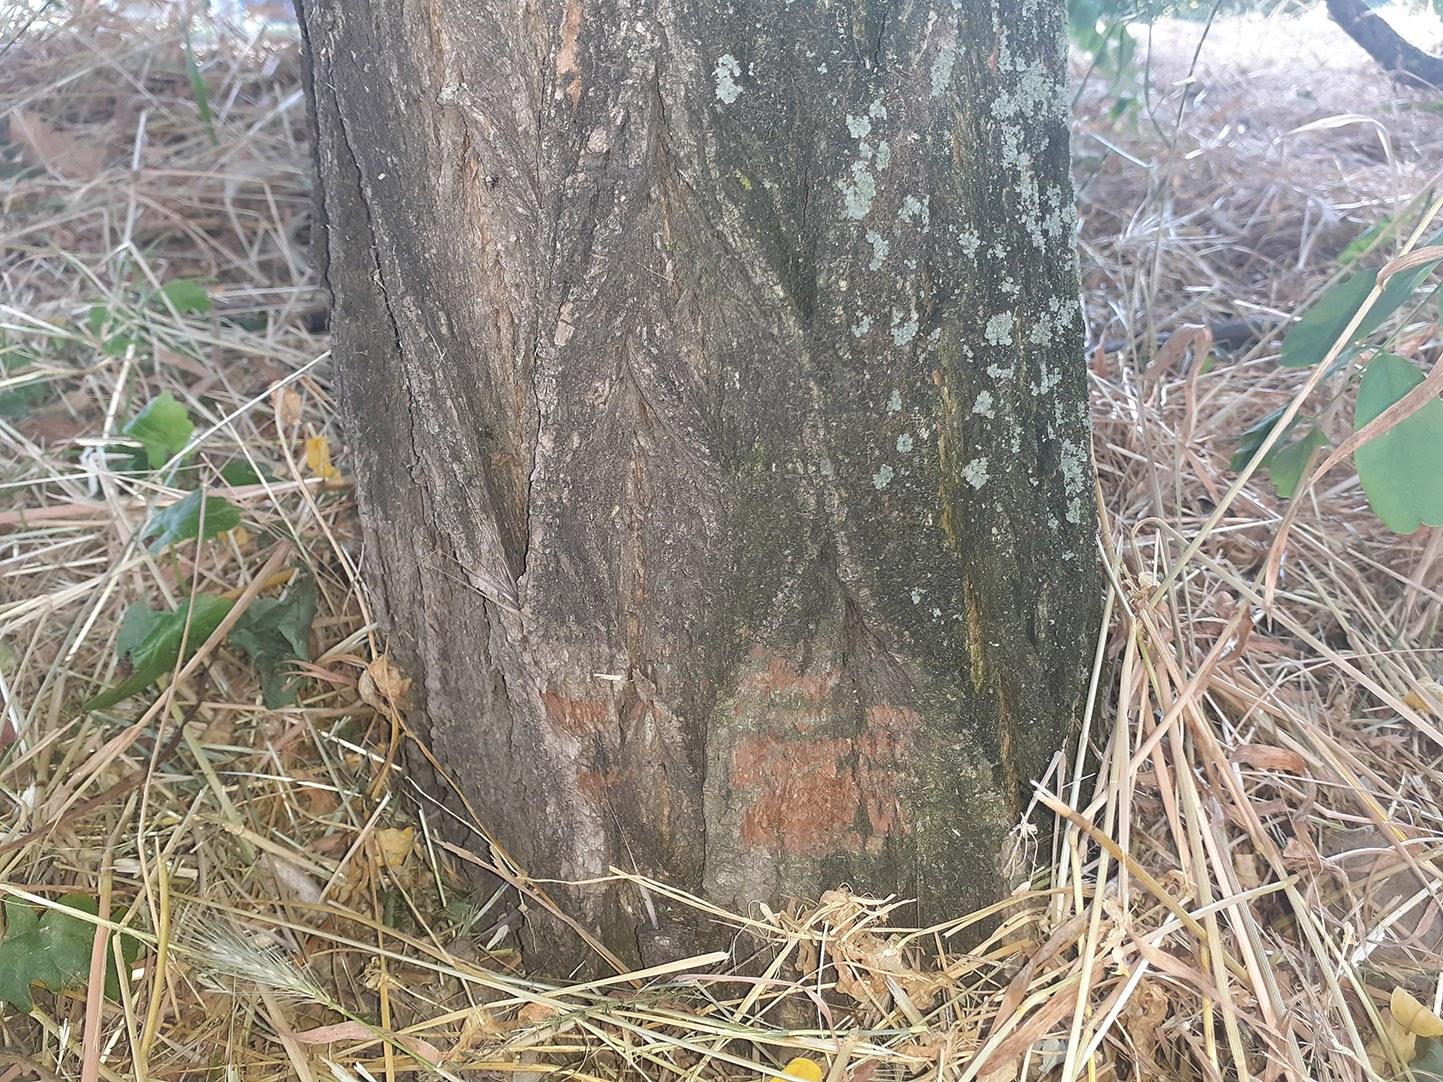 A fidelitasosok a fa törzsébe is belevágtak a benzines fűkaszával